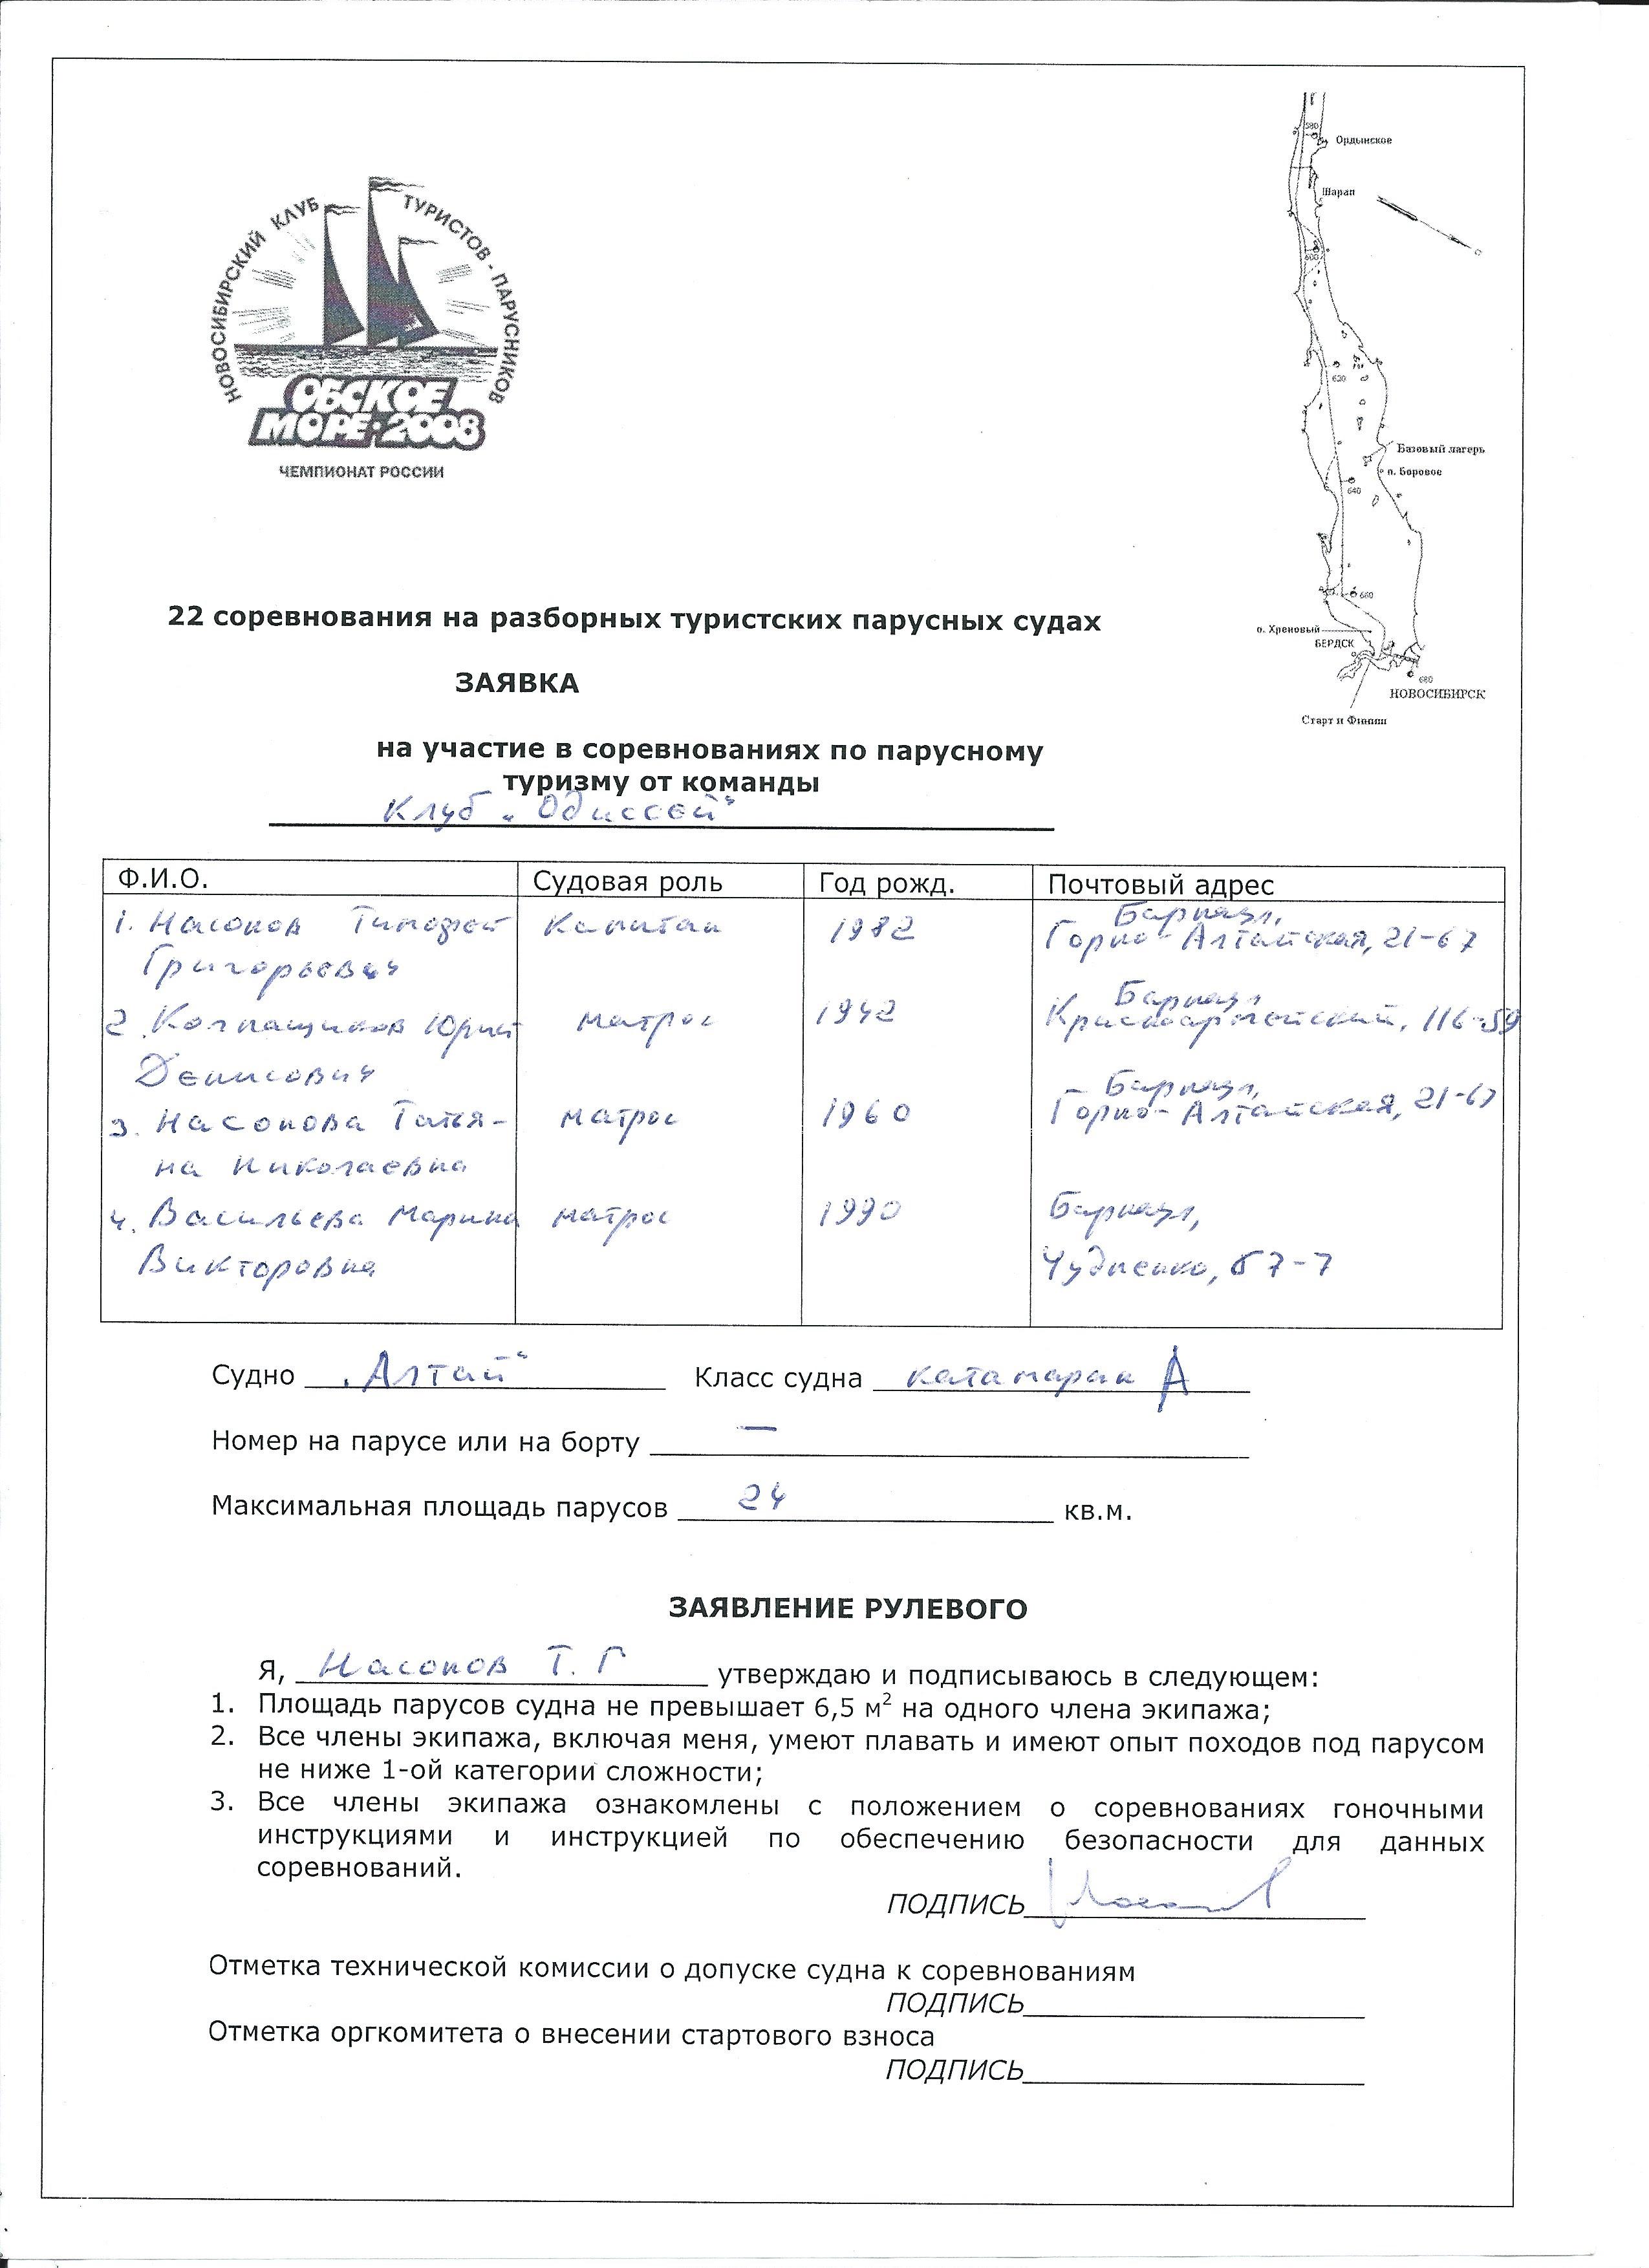 Насонов Т.Г.